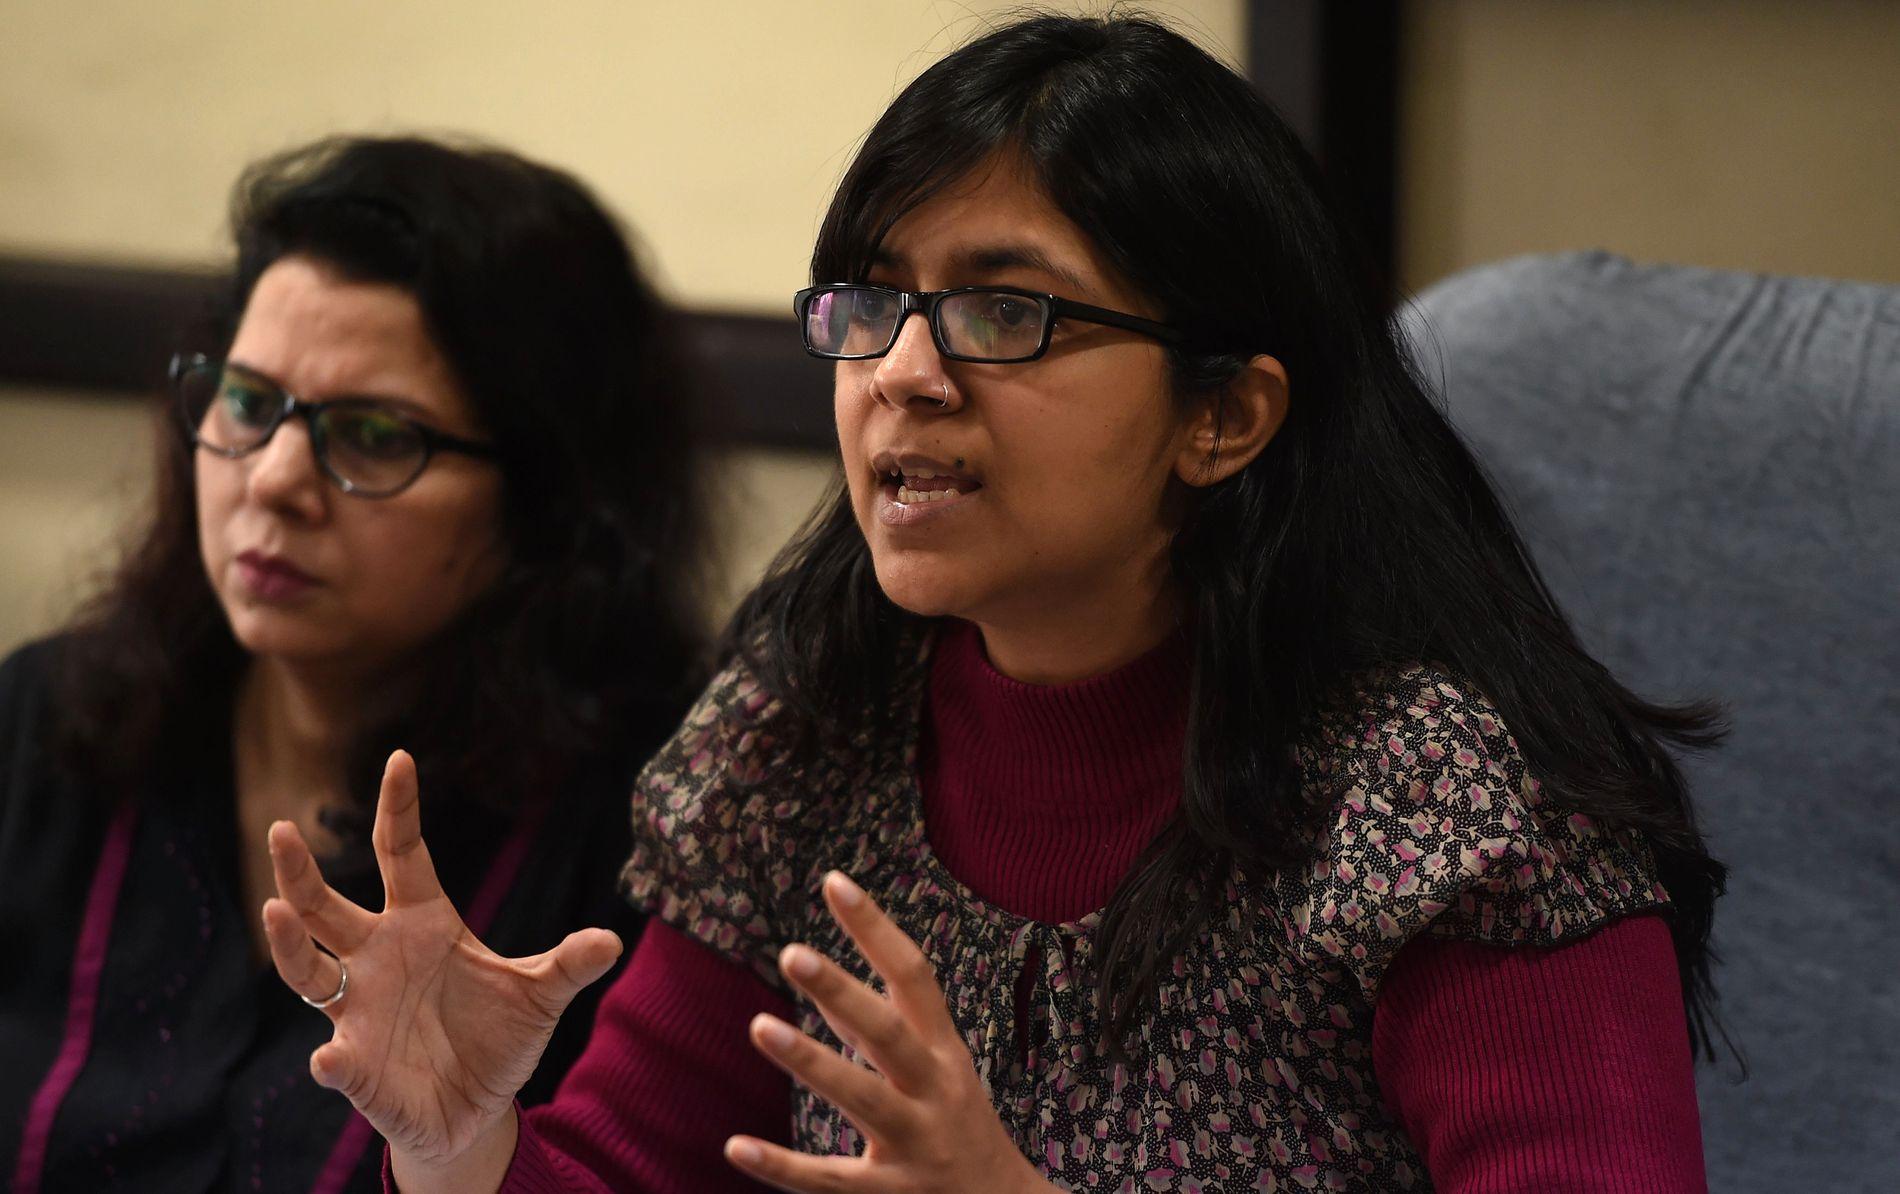 MANER TIL HANDLING: Leder for Delhis kvinnekommisjon, Swati Maliwal, krever strengere lover og flere politiressurser.